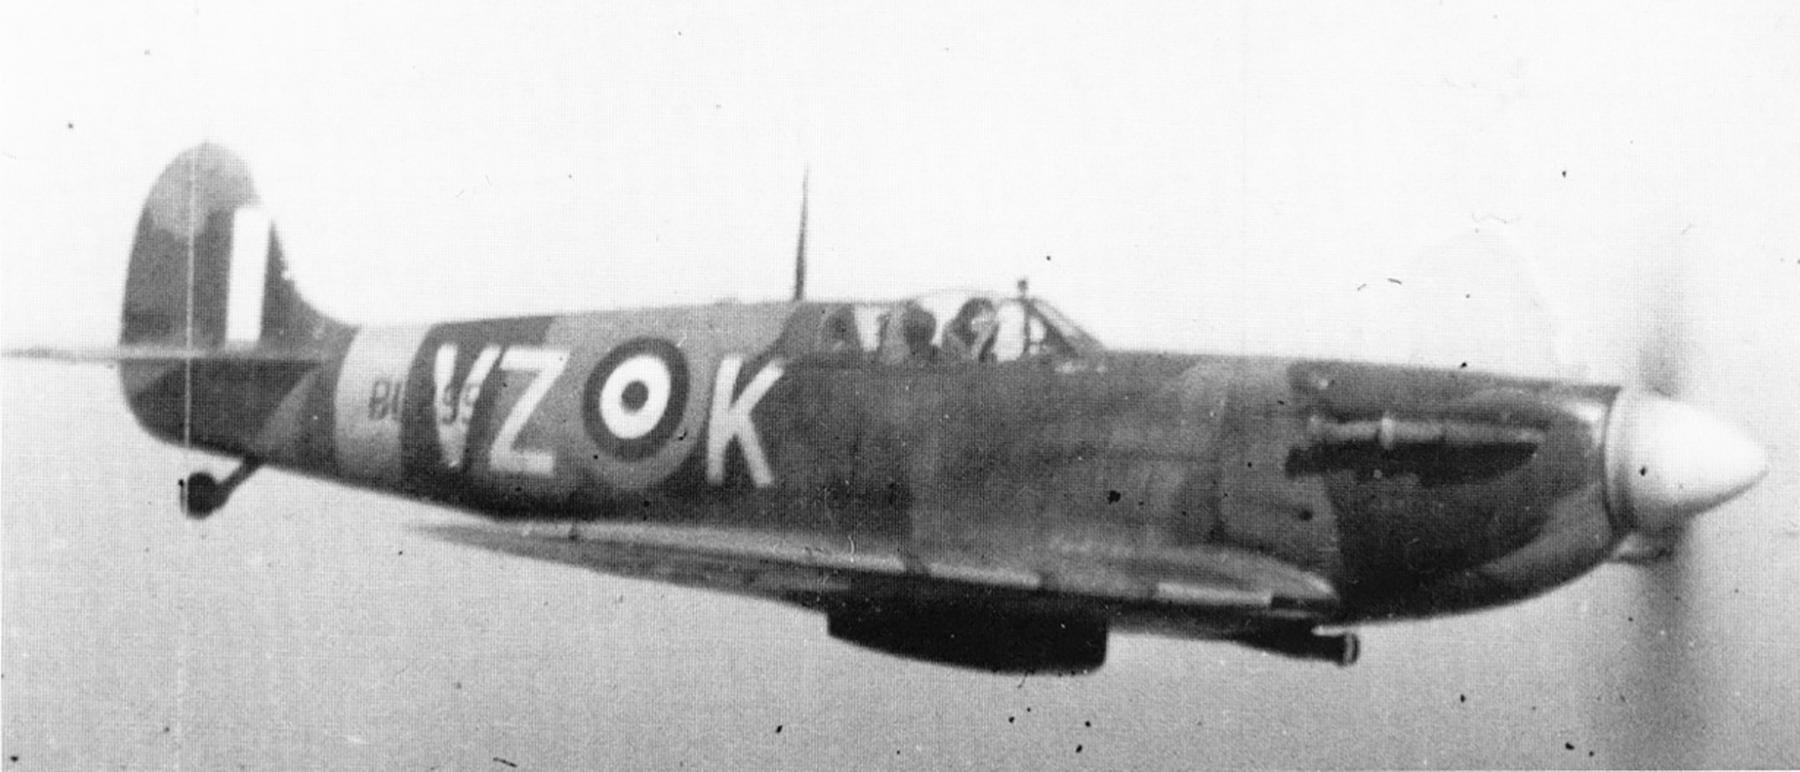 Spitfire MkVb RCAF 412Sqn VZK BL259 Digby England Dec 1941 01